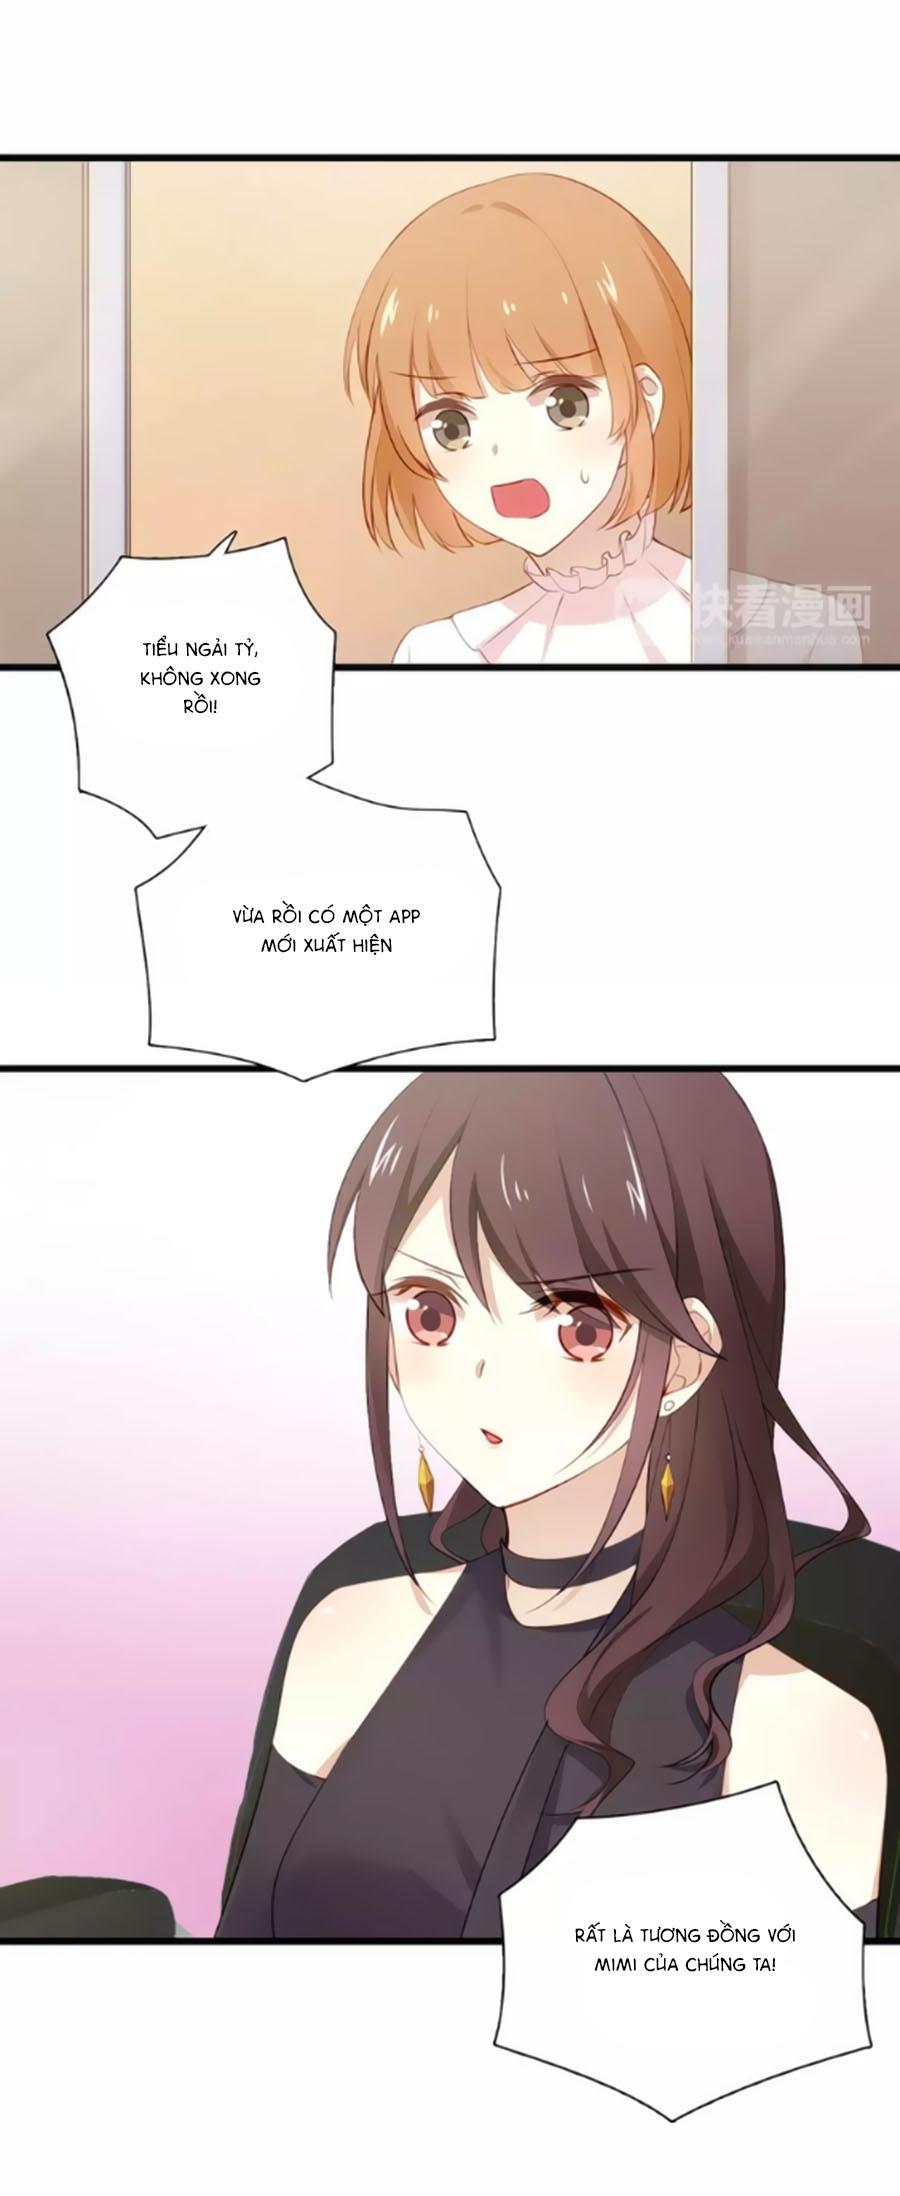 Tình Yêu Là Thế 2 Chap 3